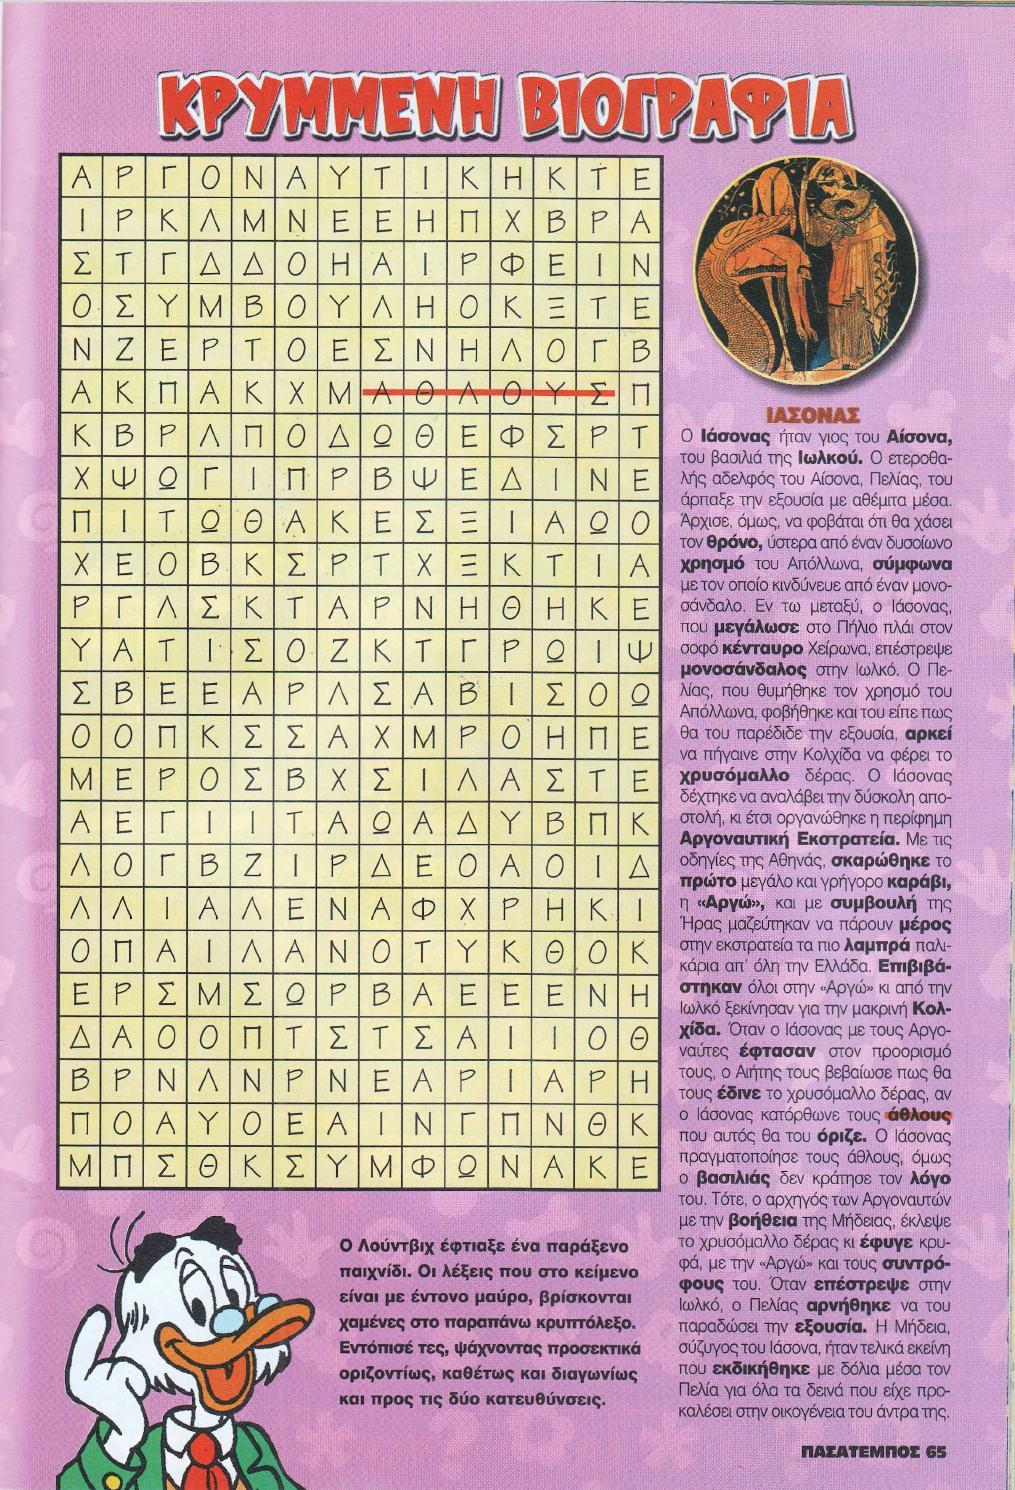 Πασατέμπος 18